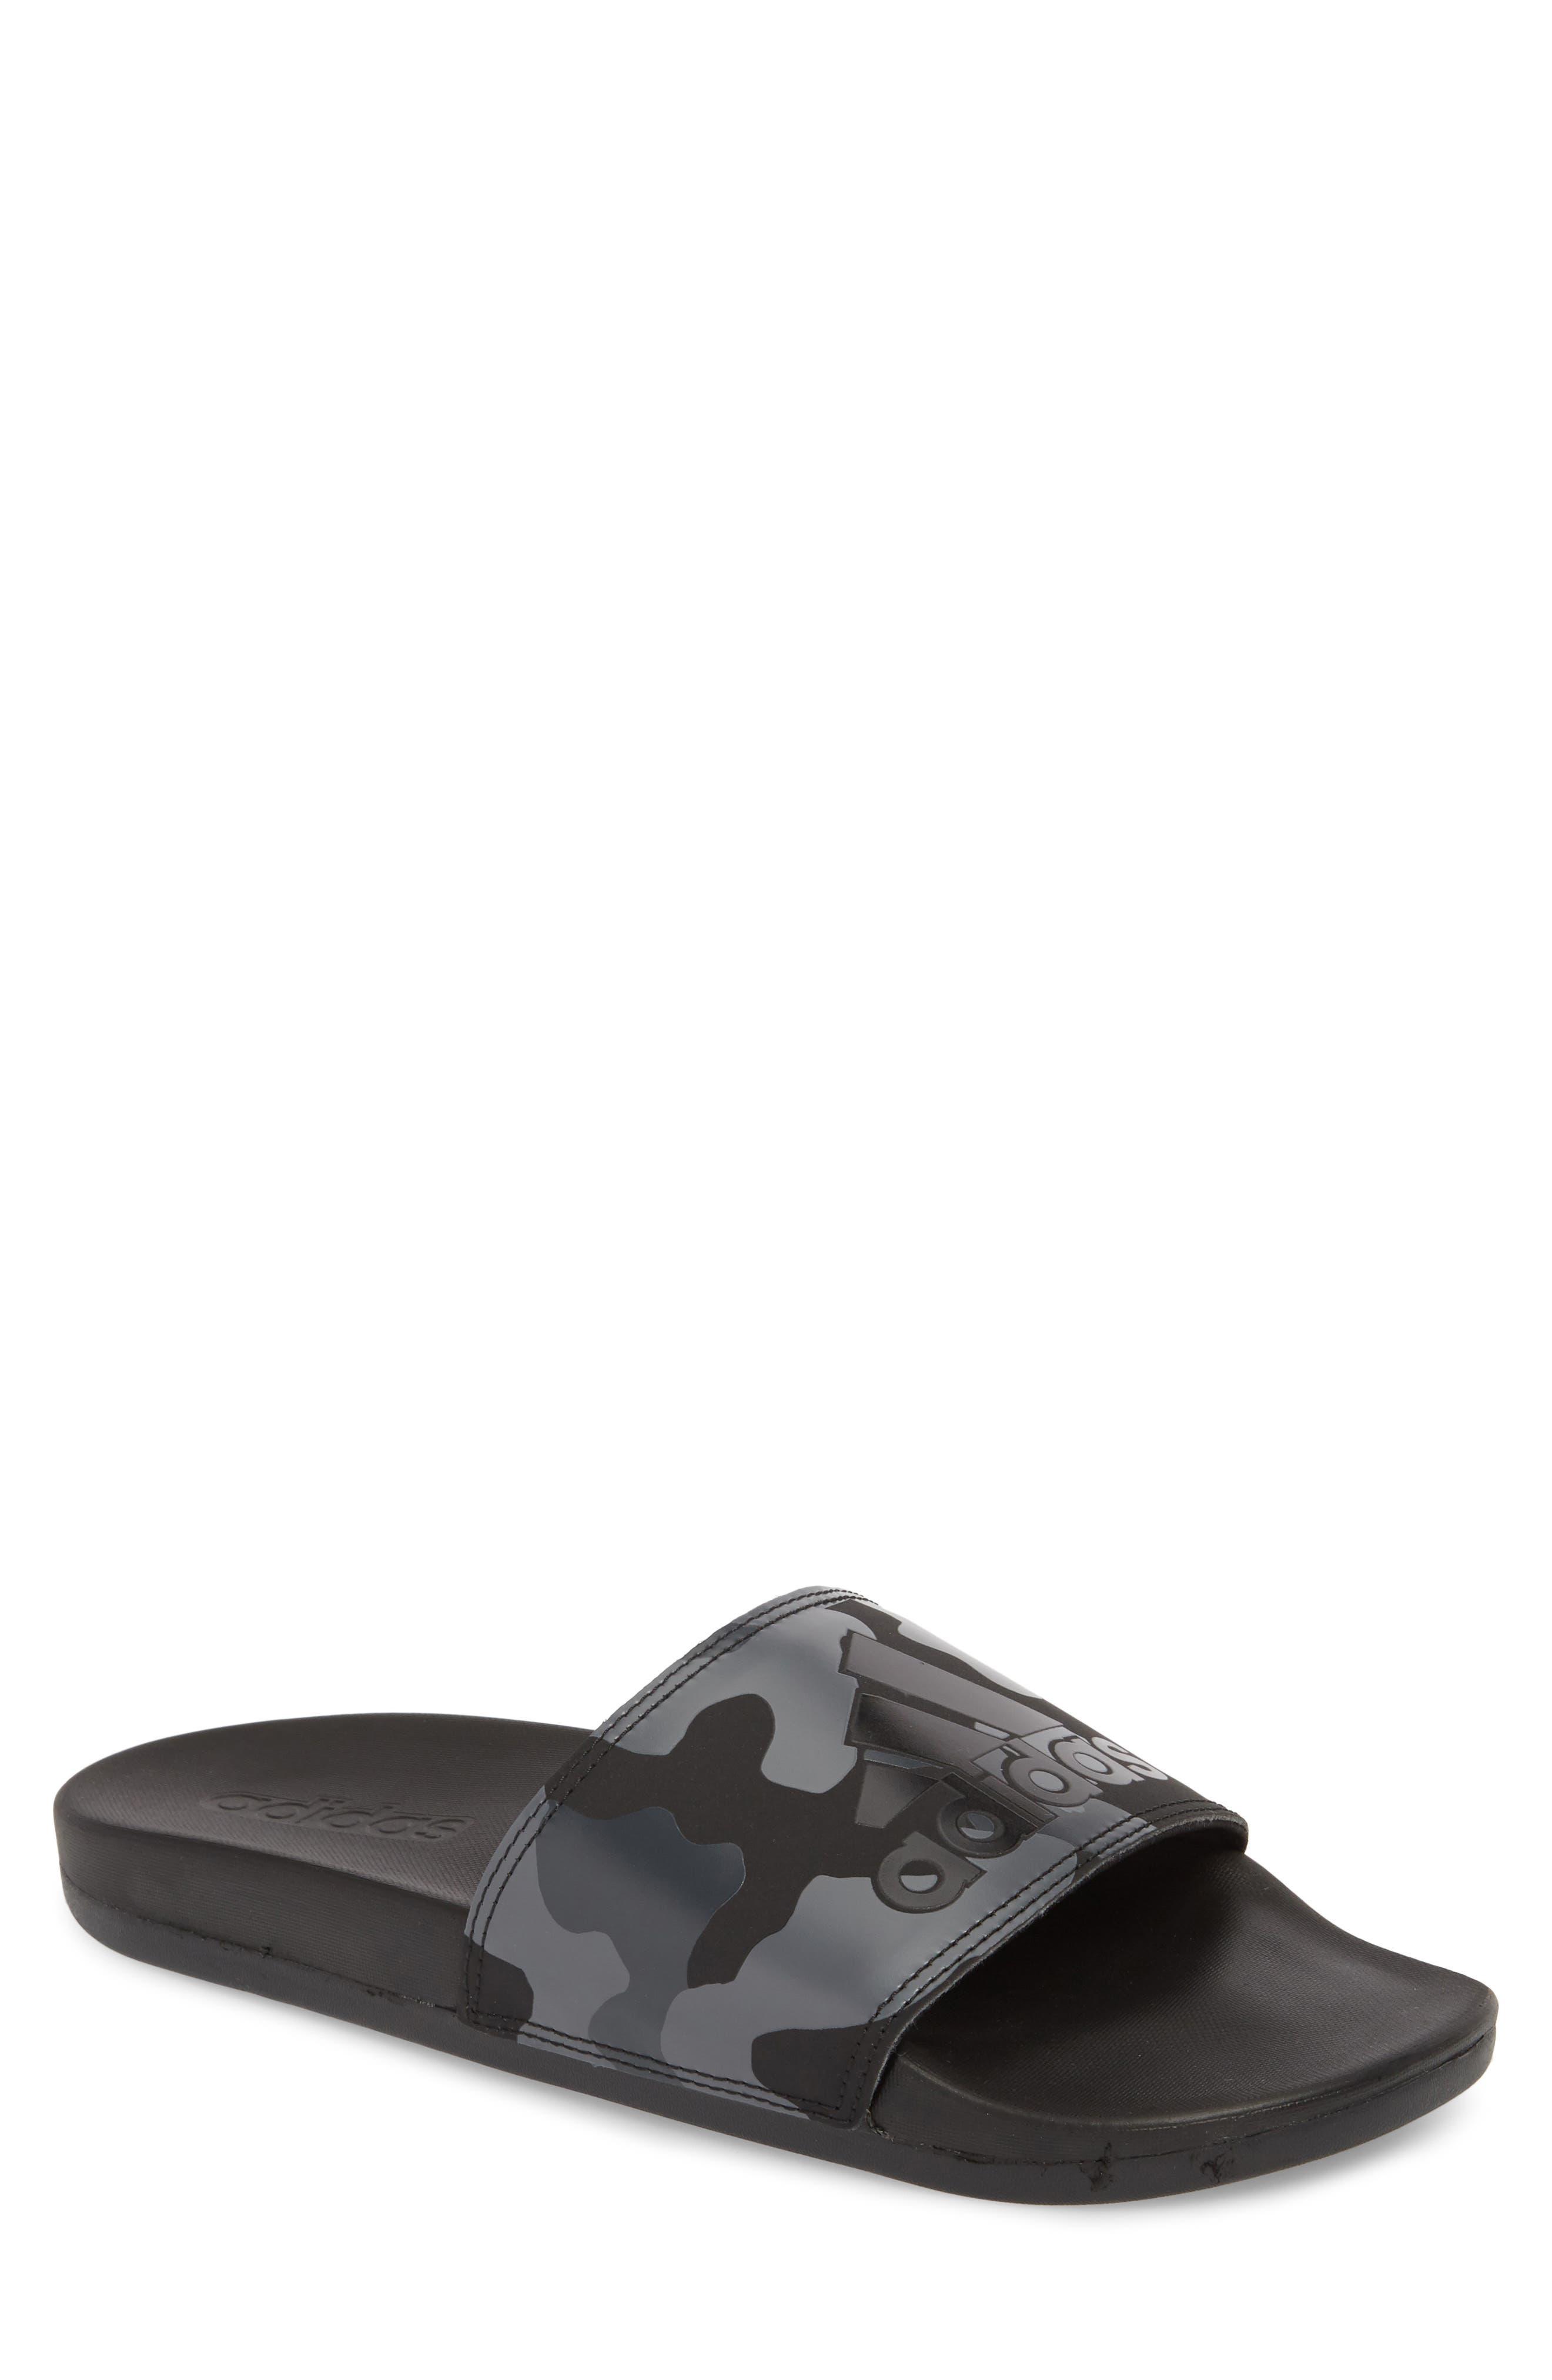 Cloudfoam Plus Slide Sandal,                             Main thumbnail 1, color,                             Core Black/ White/ Carbon